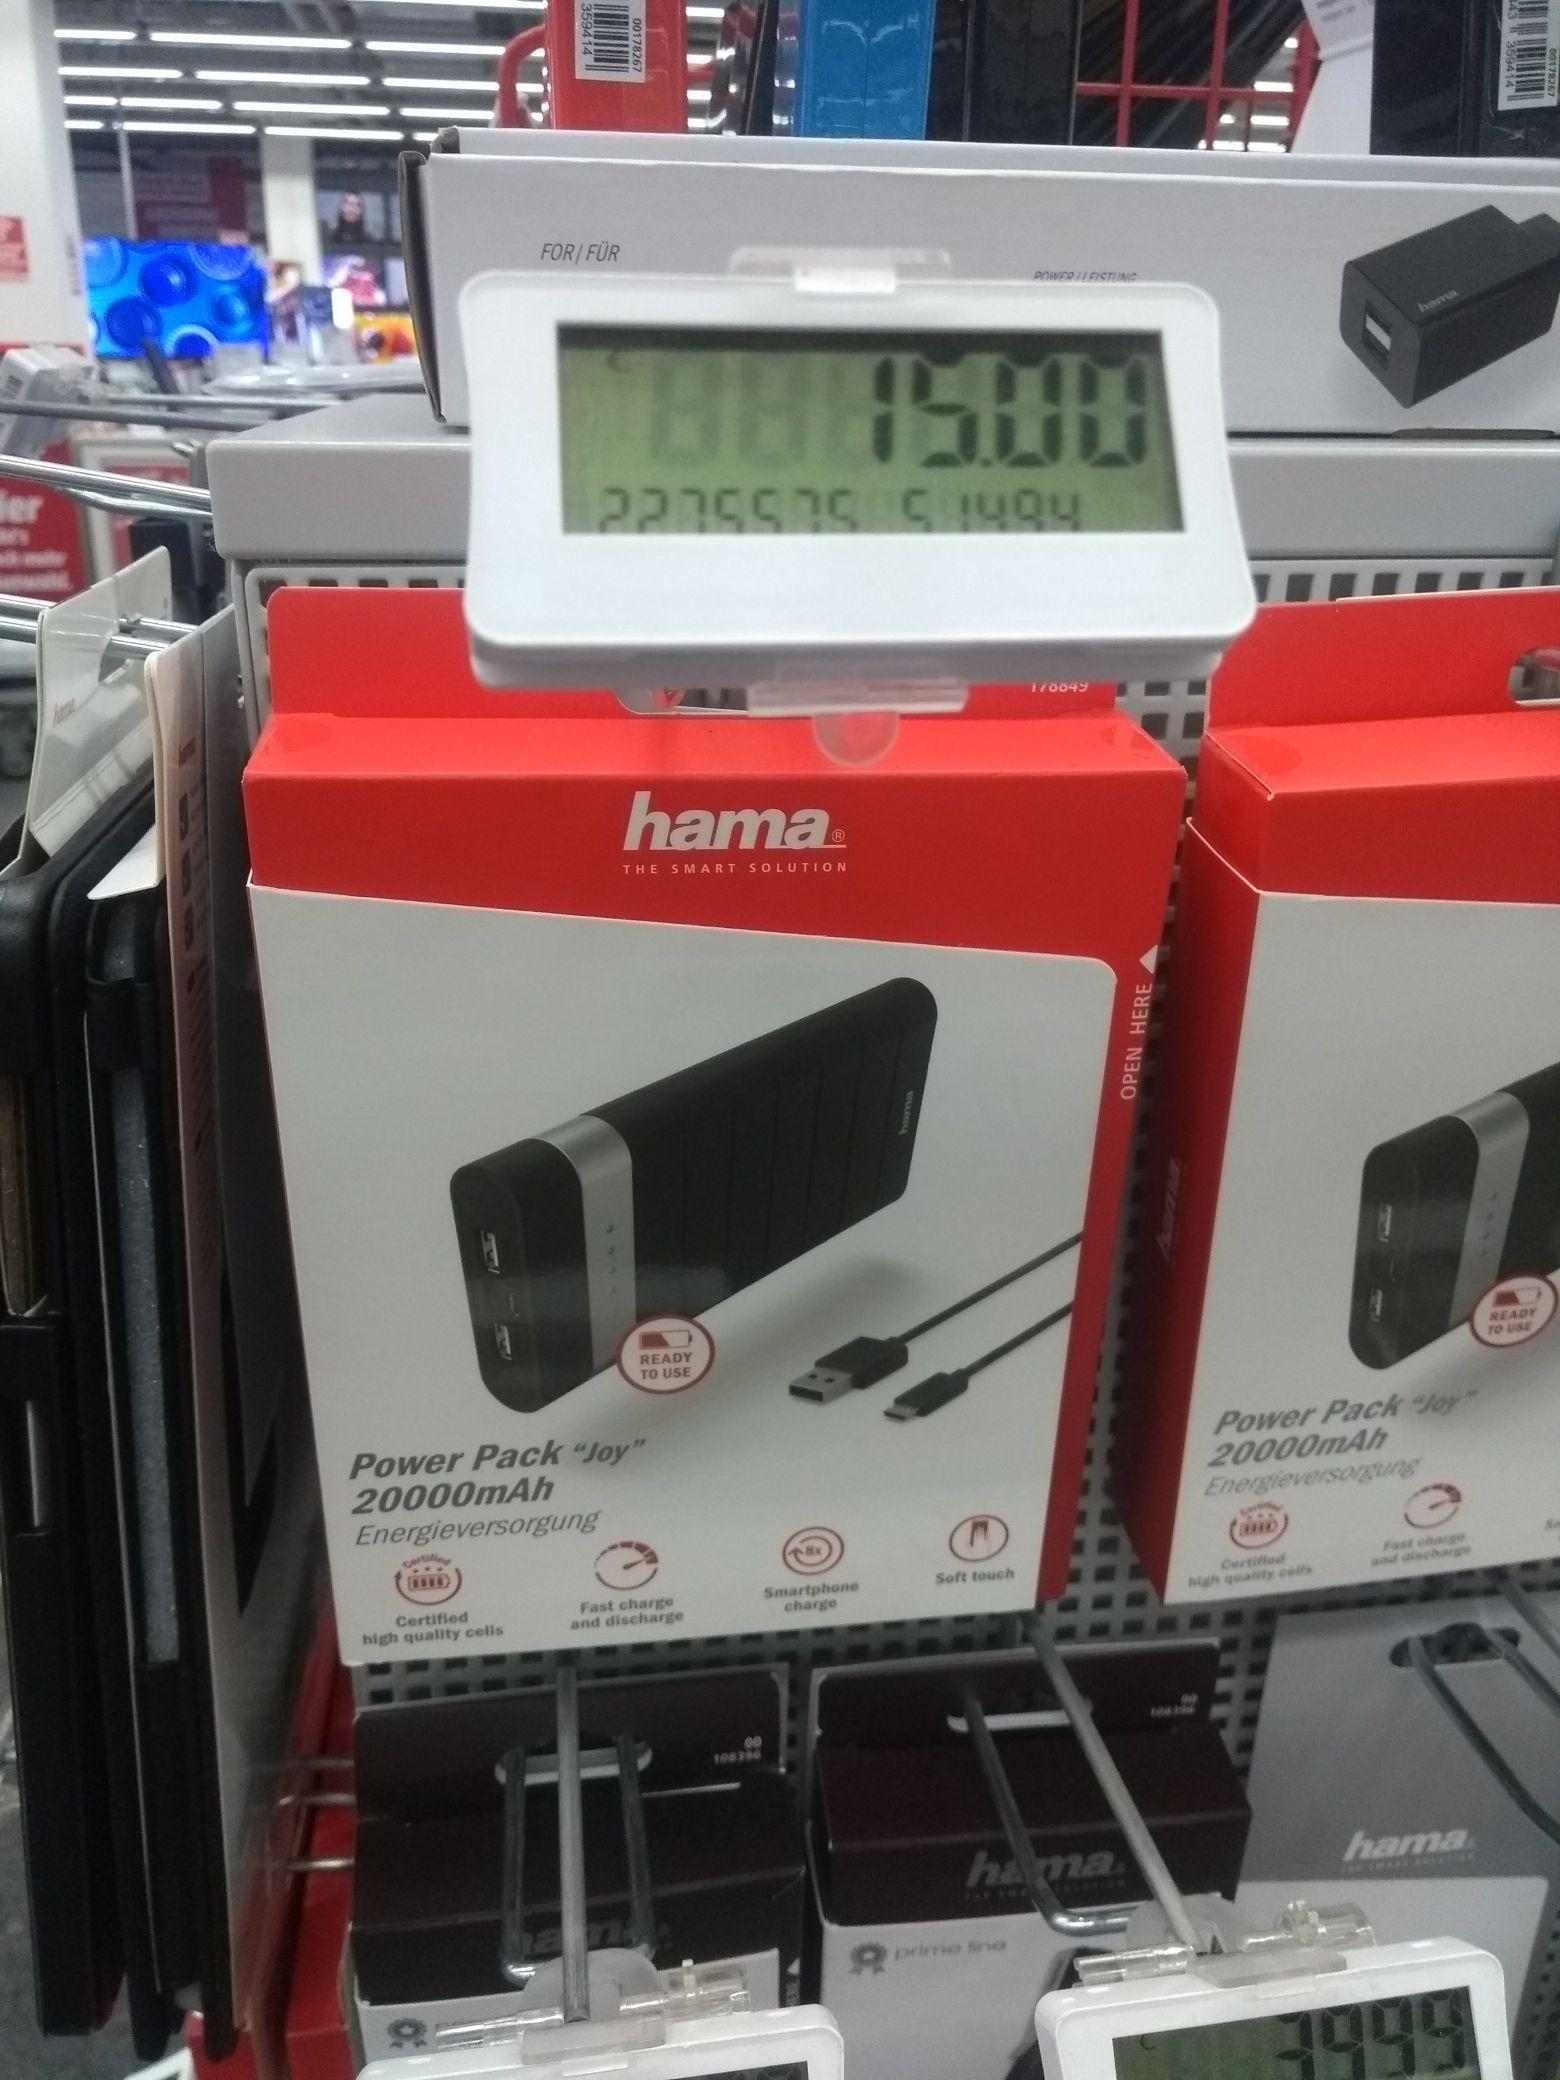 [Lokal Media Markt Märkische Spitze] Hama Powerpack Joy 20000mAh Powerbank